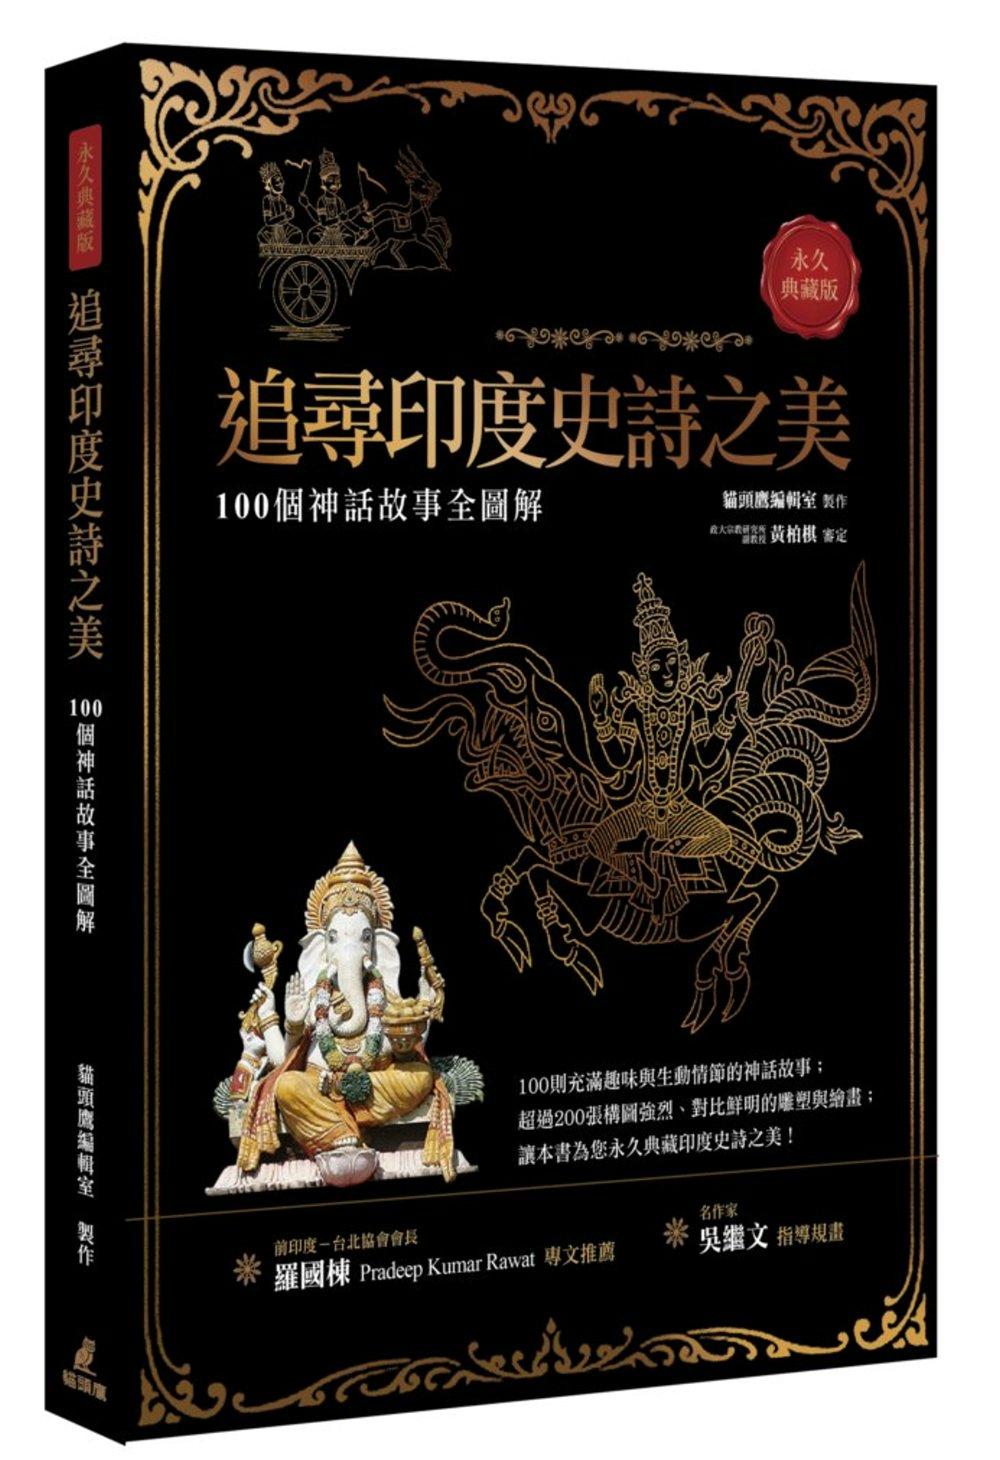 追尋印度史詩之美:100個神話故事全圖解(永久典藏版)